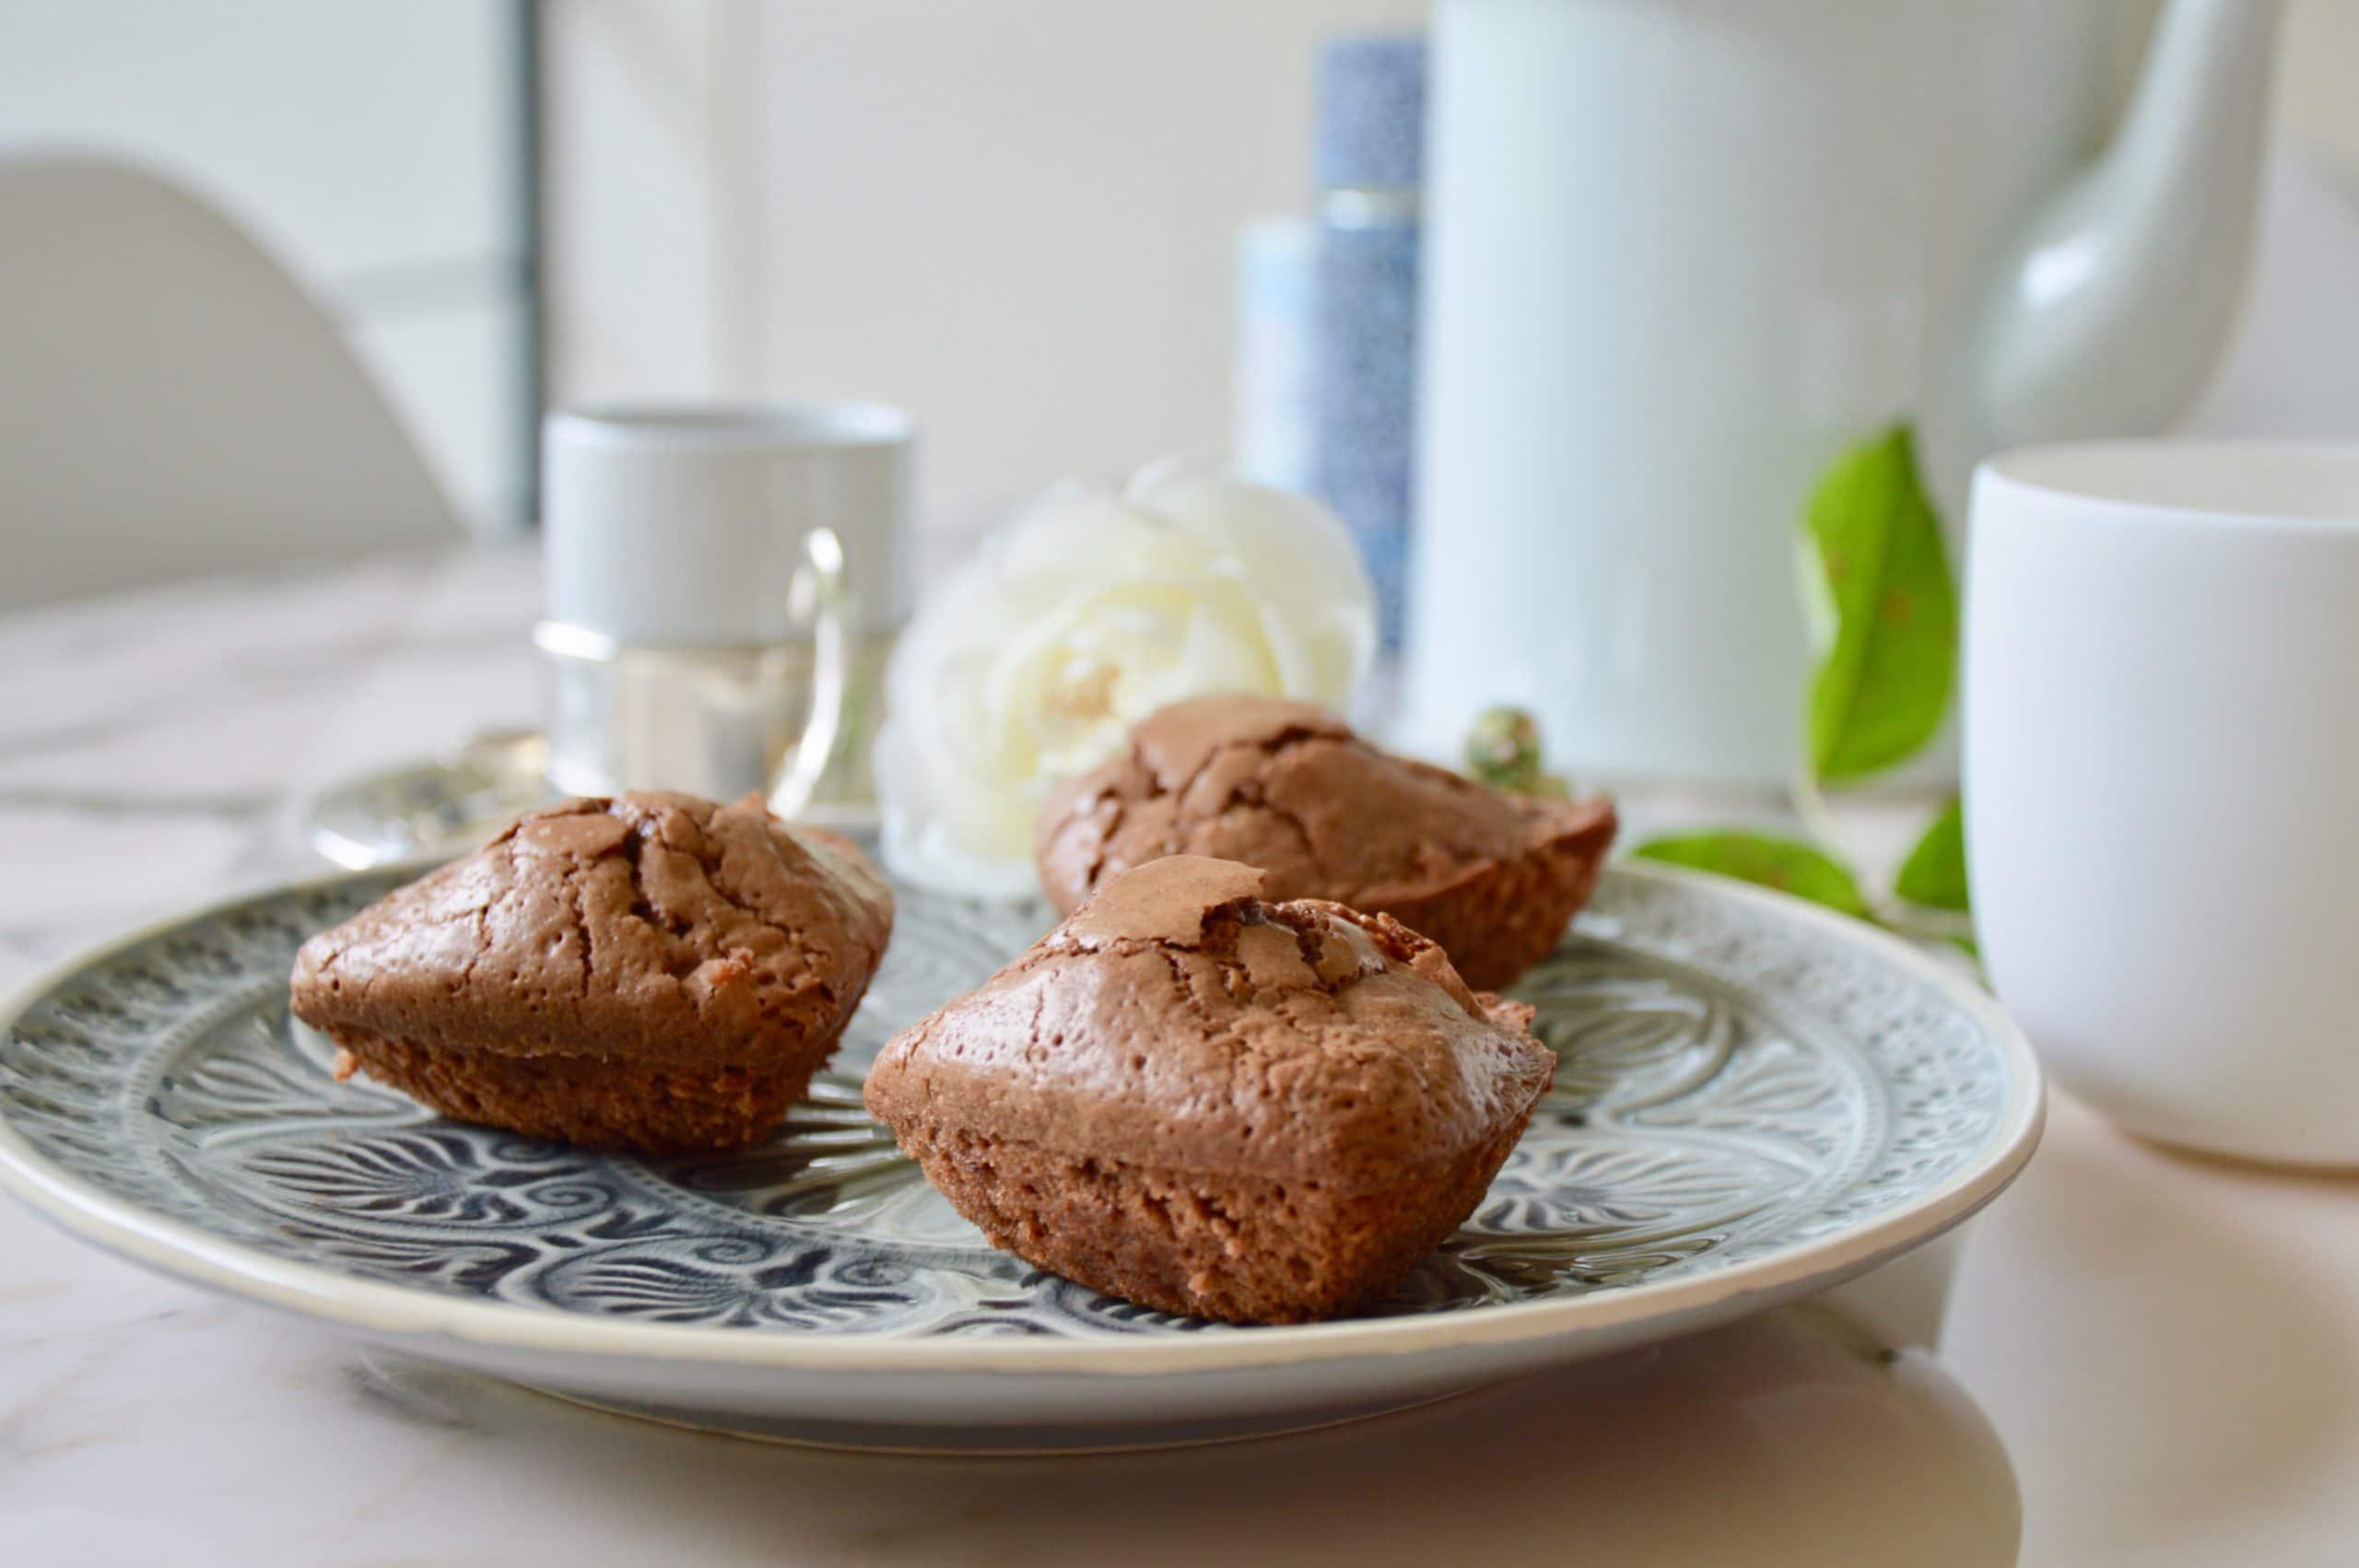 Le gâteau au chocolat d'Elisabeth